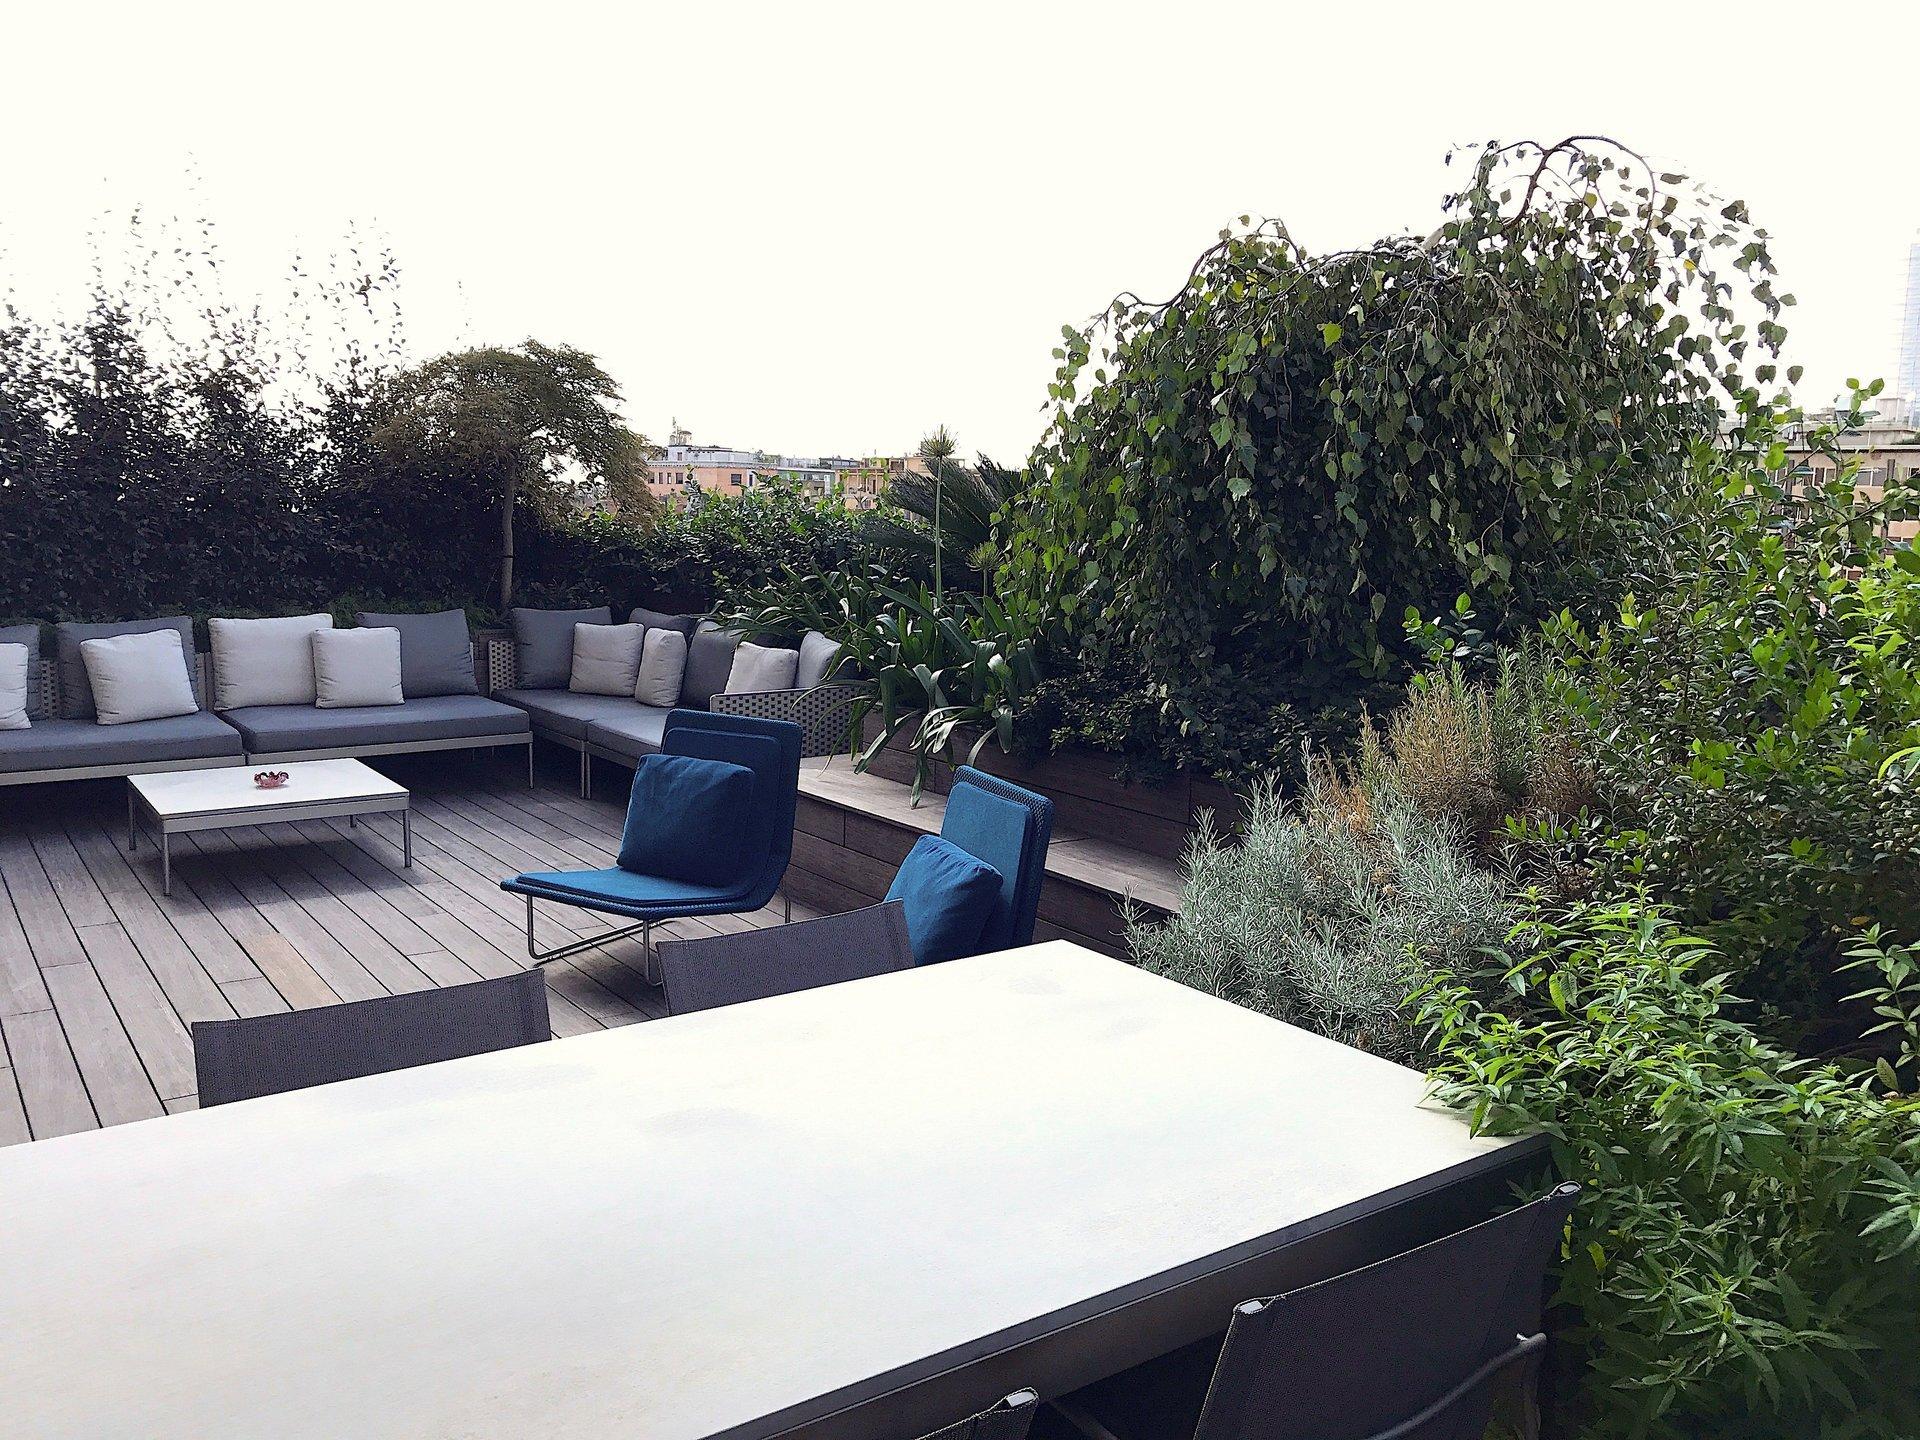 Progettazione giardini milano la terrazza for Progettazione giardini milano